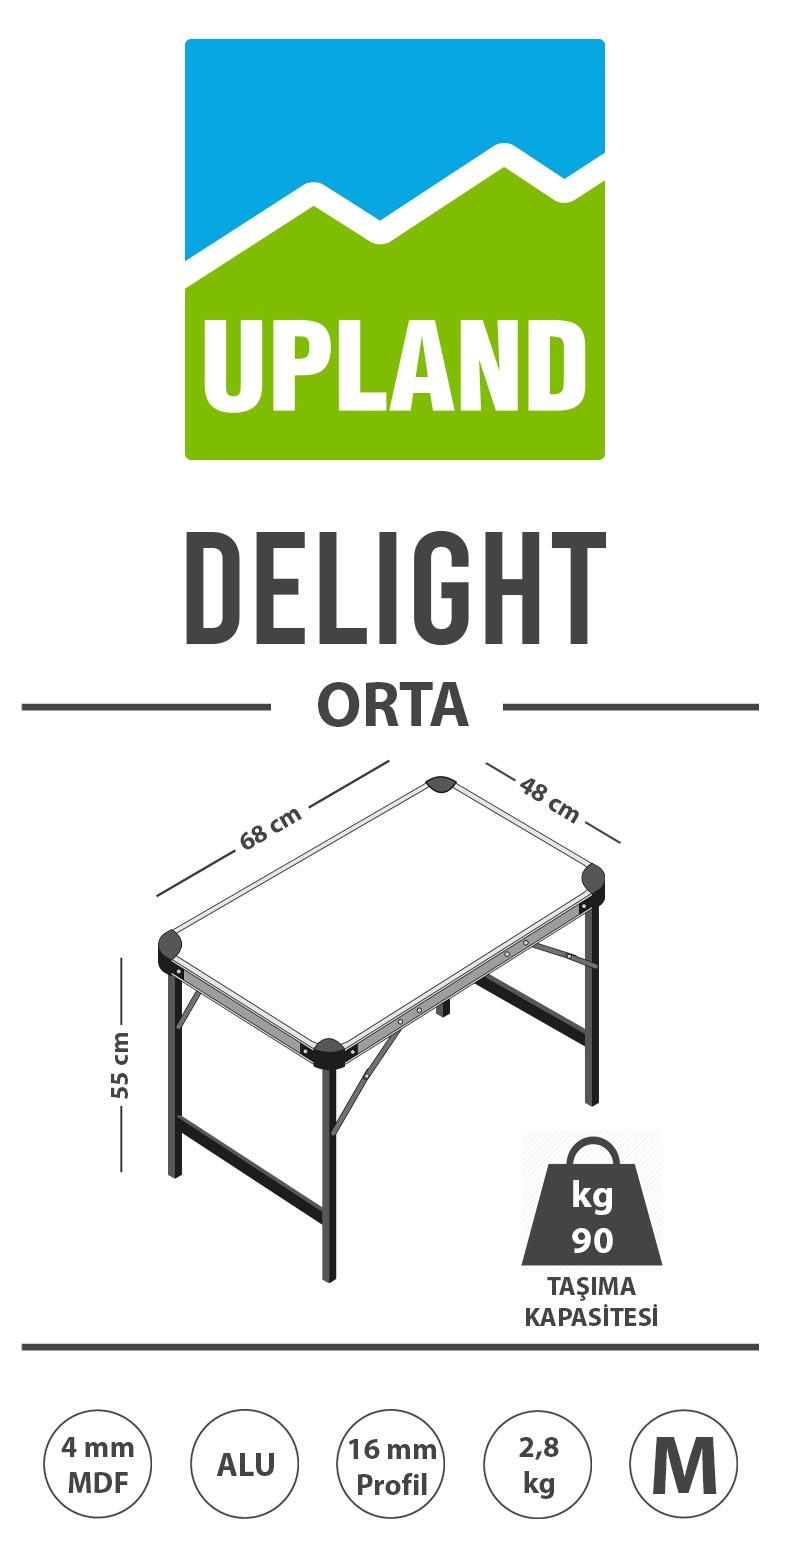 upland delight katlanır orta boy masa ürün açıklama resmi